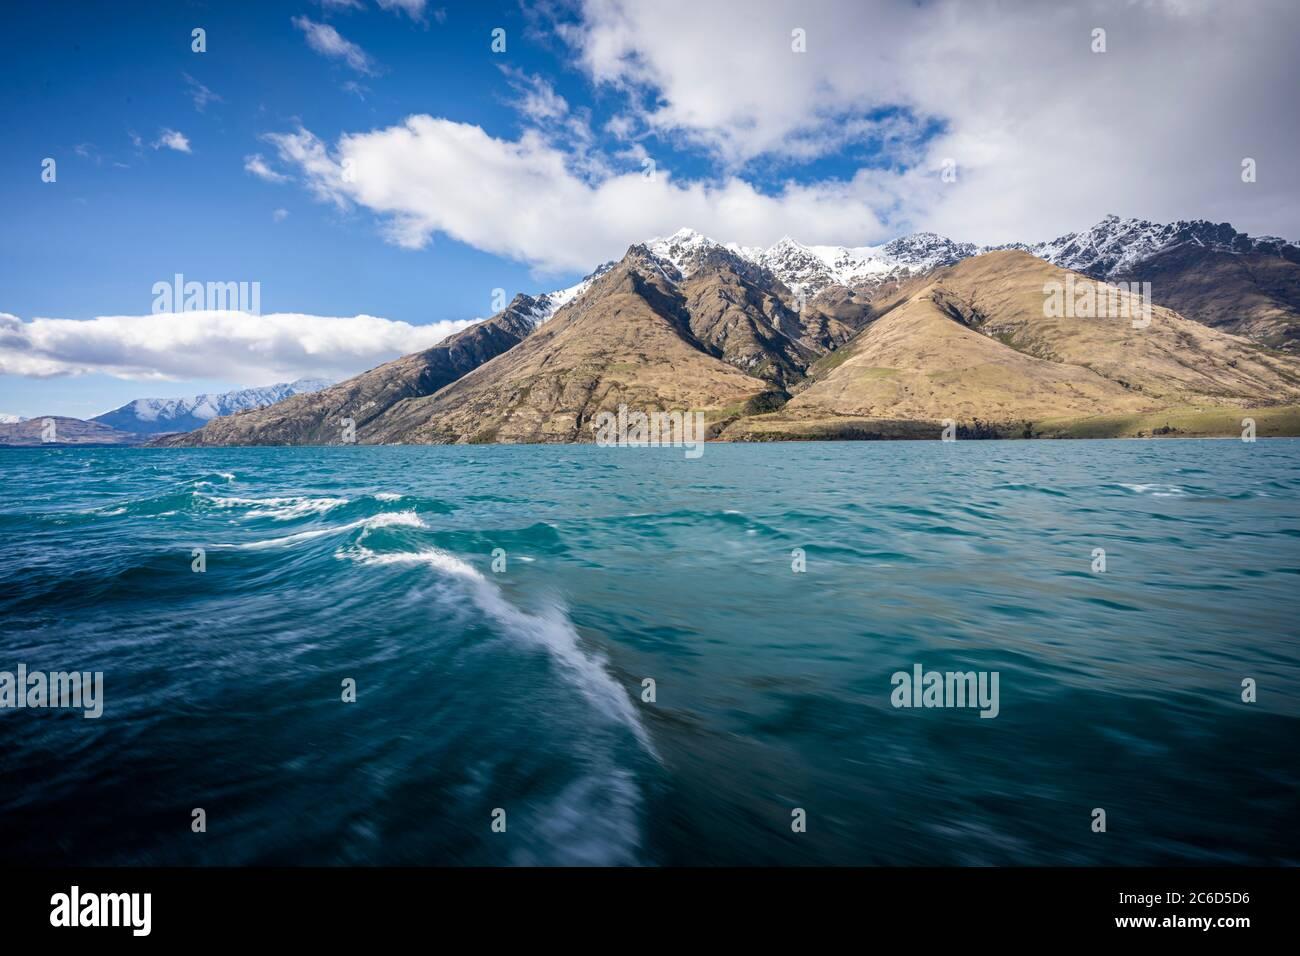 Vue panoramique sur le lac Wakatipu, Queenstown, Nouvelle-Zélande Banque D'Images